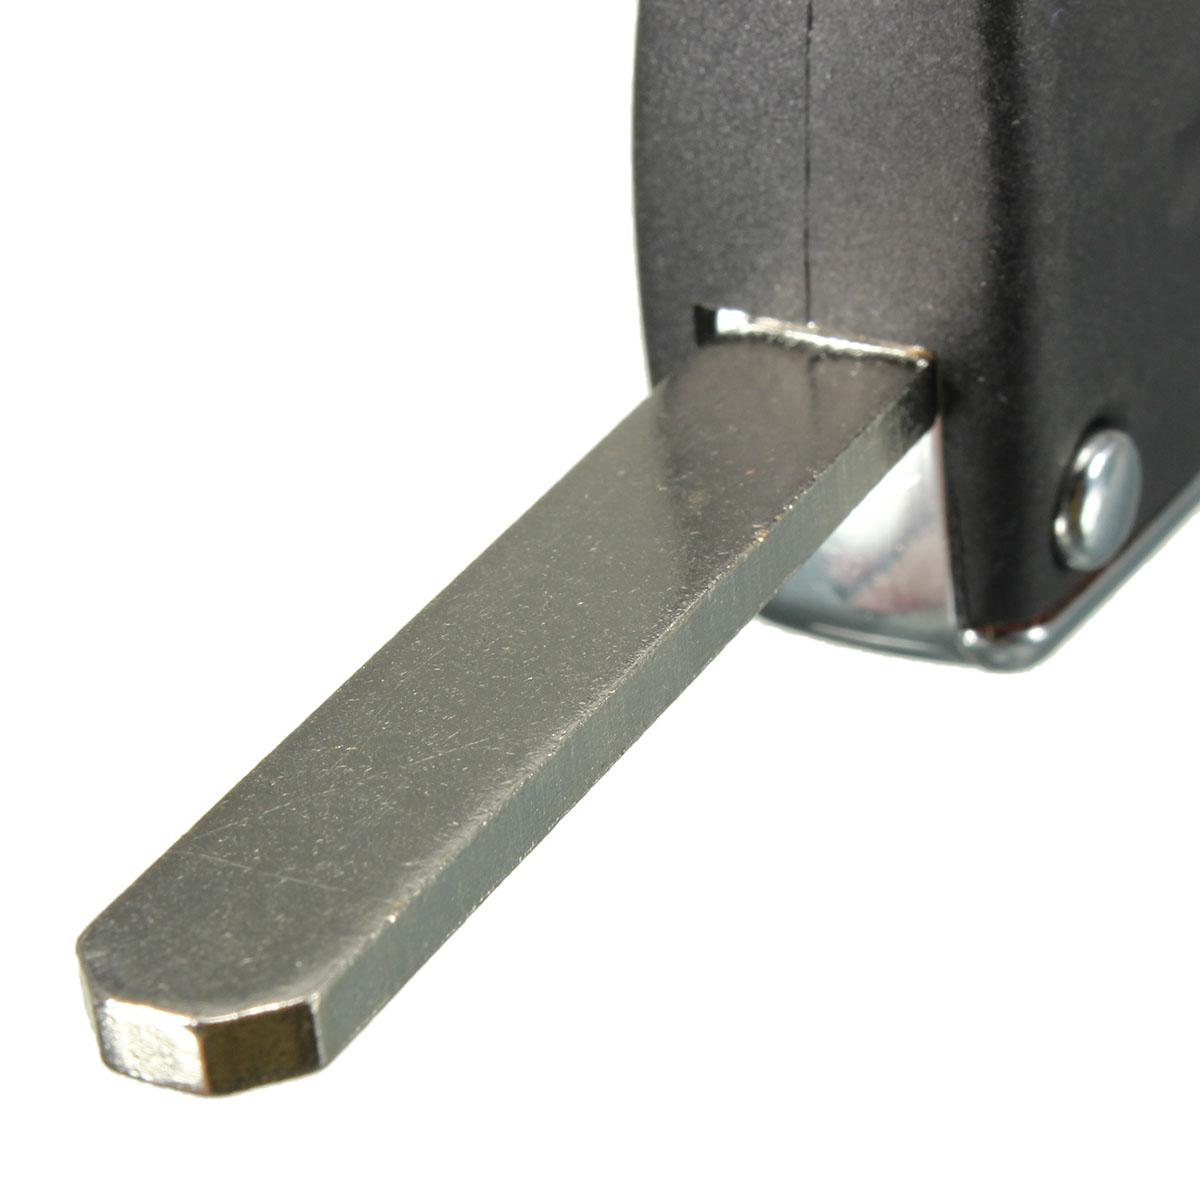 Flip 2 tasti a distanza nero le coperture chiave per Honda CRV civic jazz accordo odissea